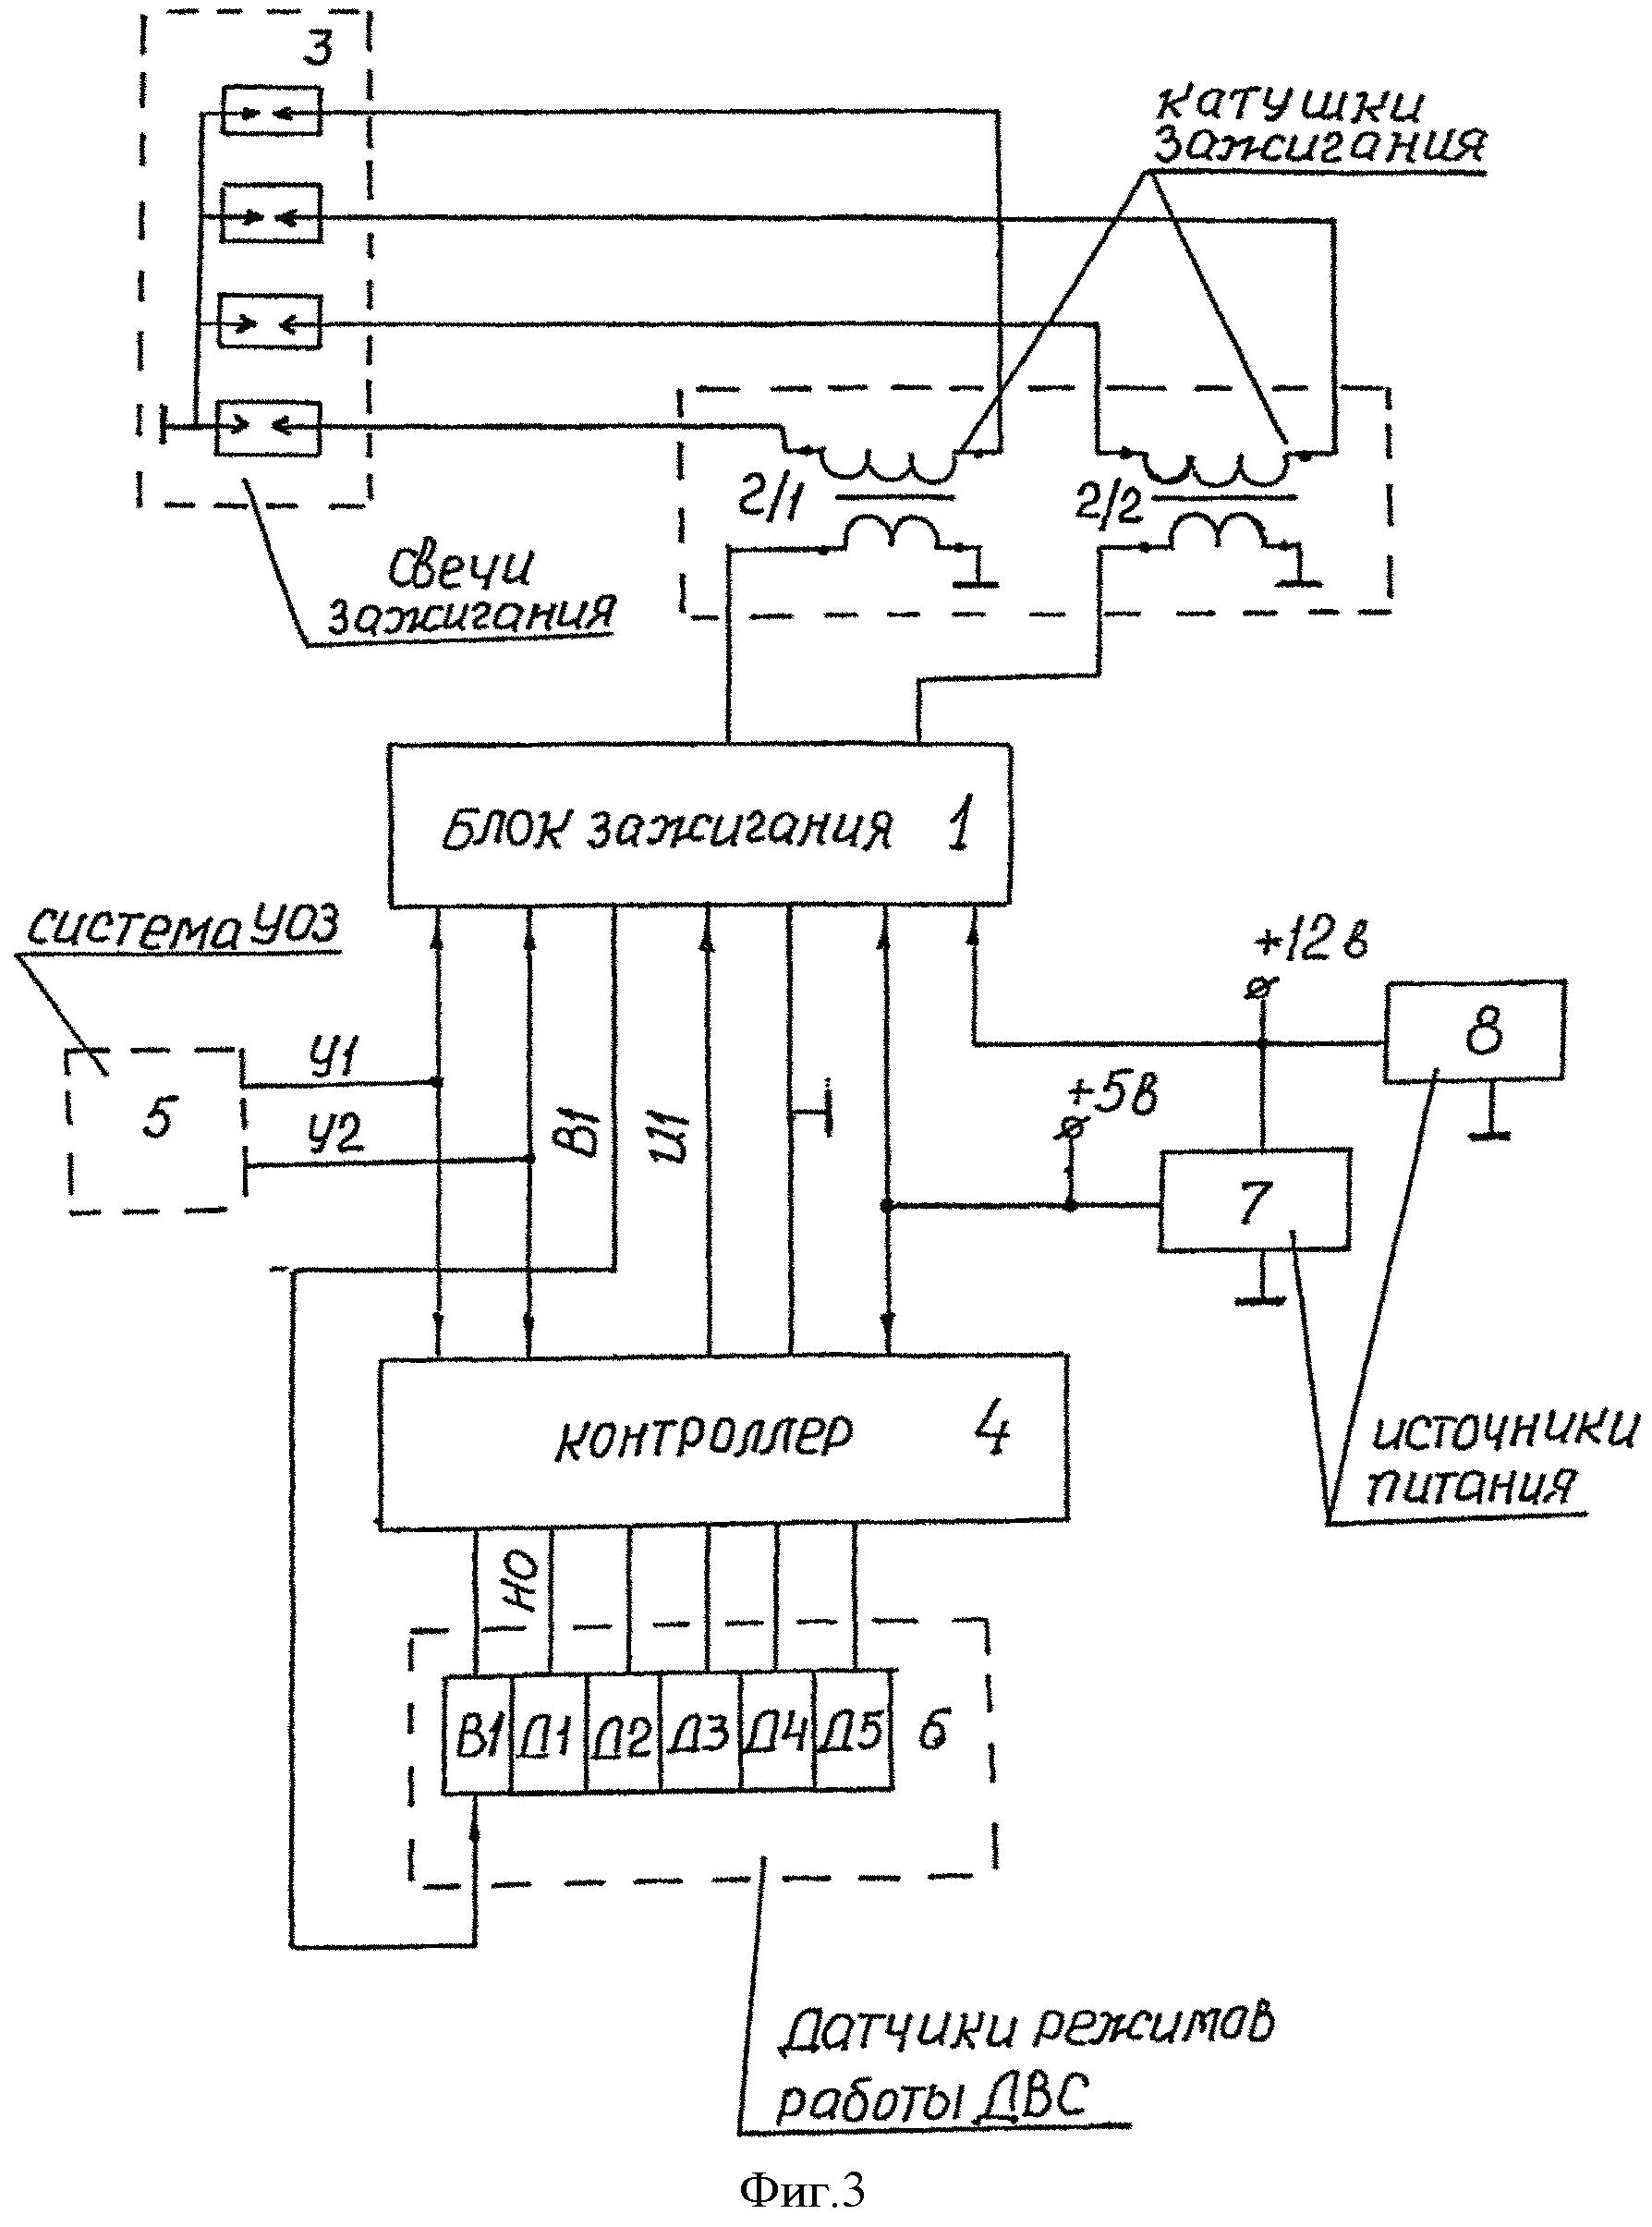 Способ программного регулирования высокого напряжения искровых разрядов конденсаторного зажигания